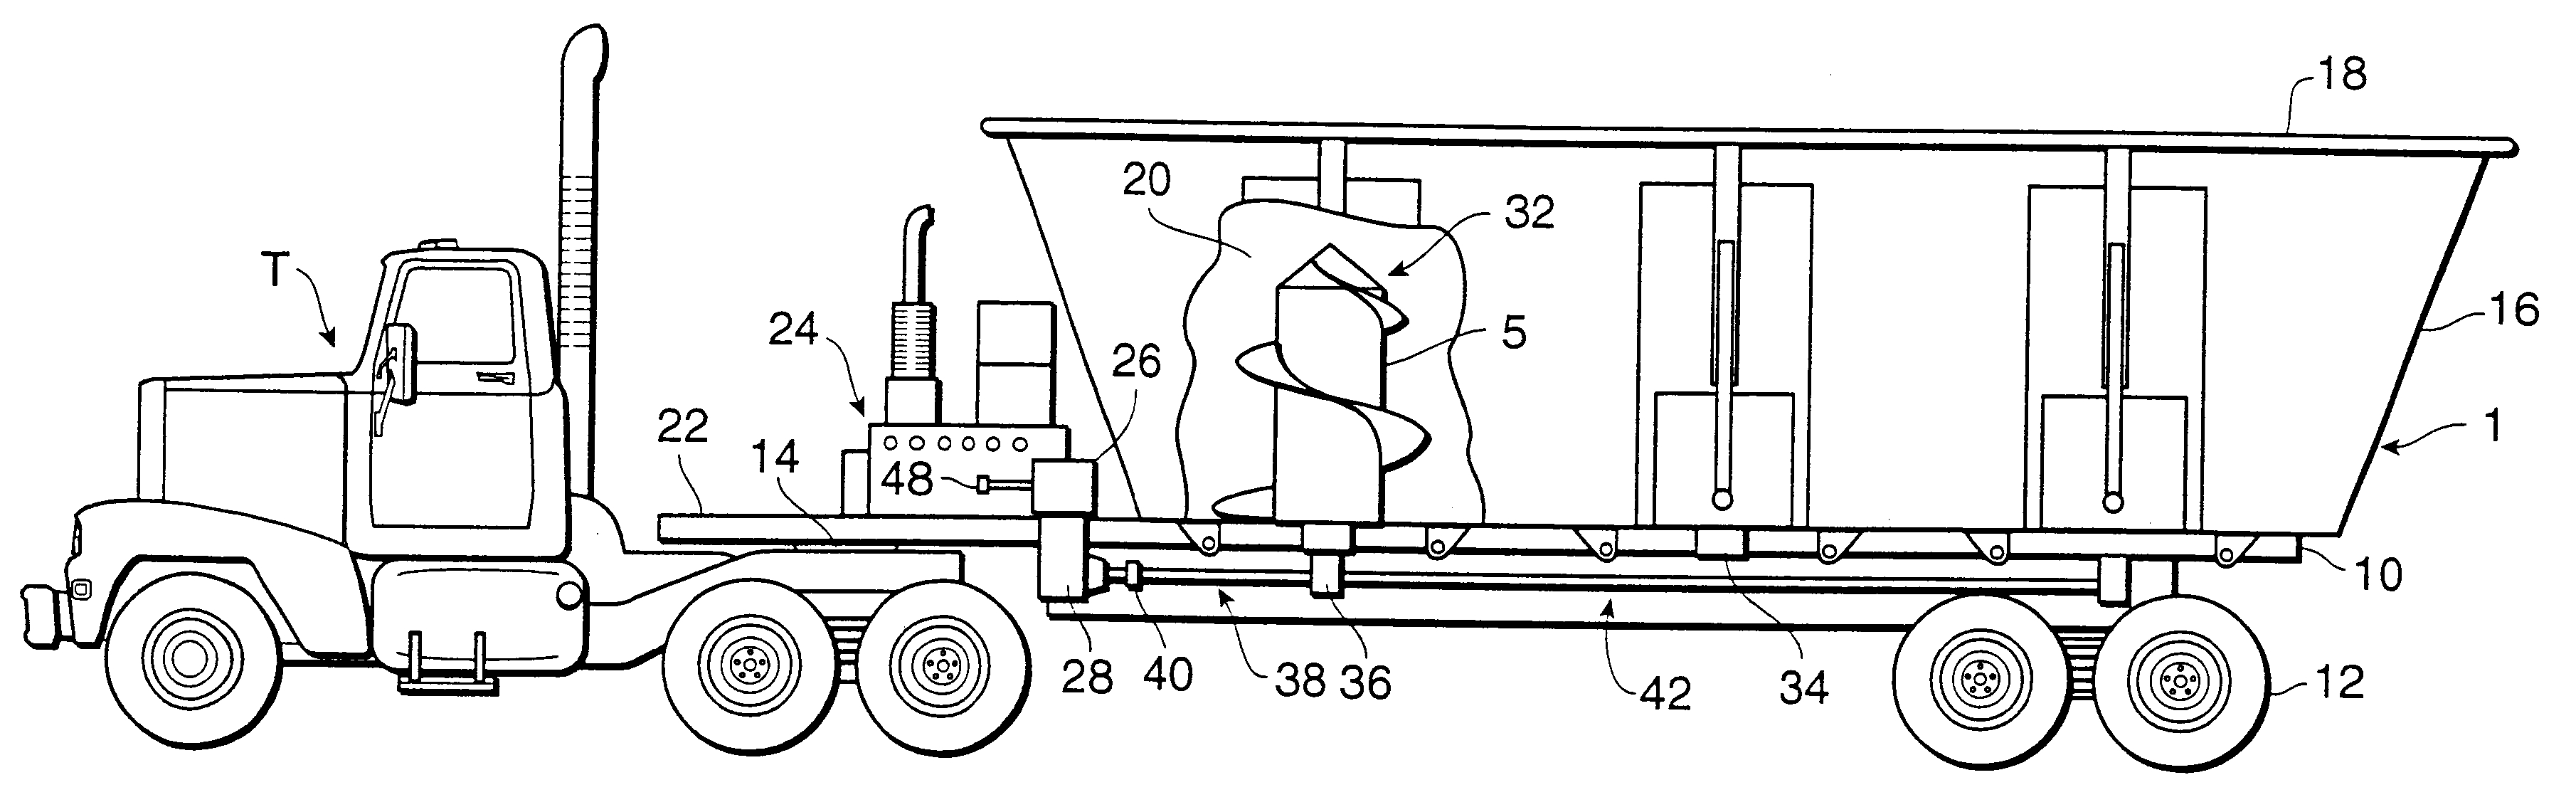 planetové převodovky a �elní převodovky pro: mícha�ka krmiva, mícha�ka nákladních vozidel, mícha�ky betonu a další převodový systém mícha�ky.